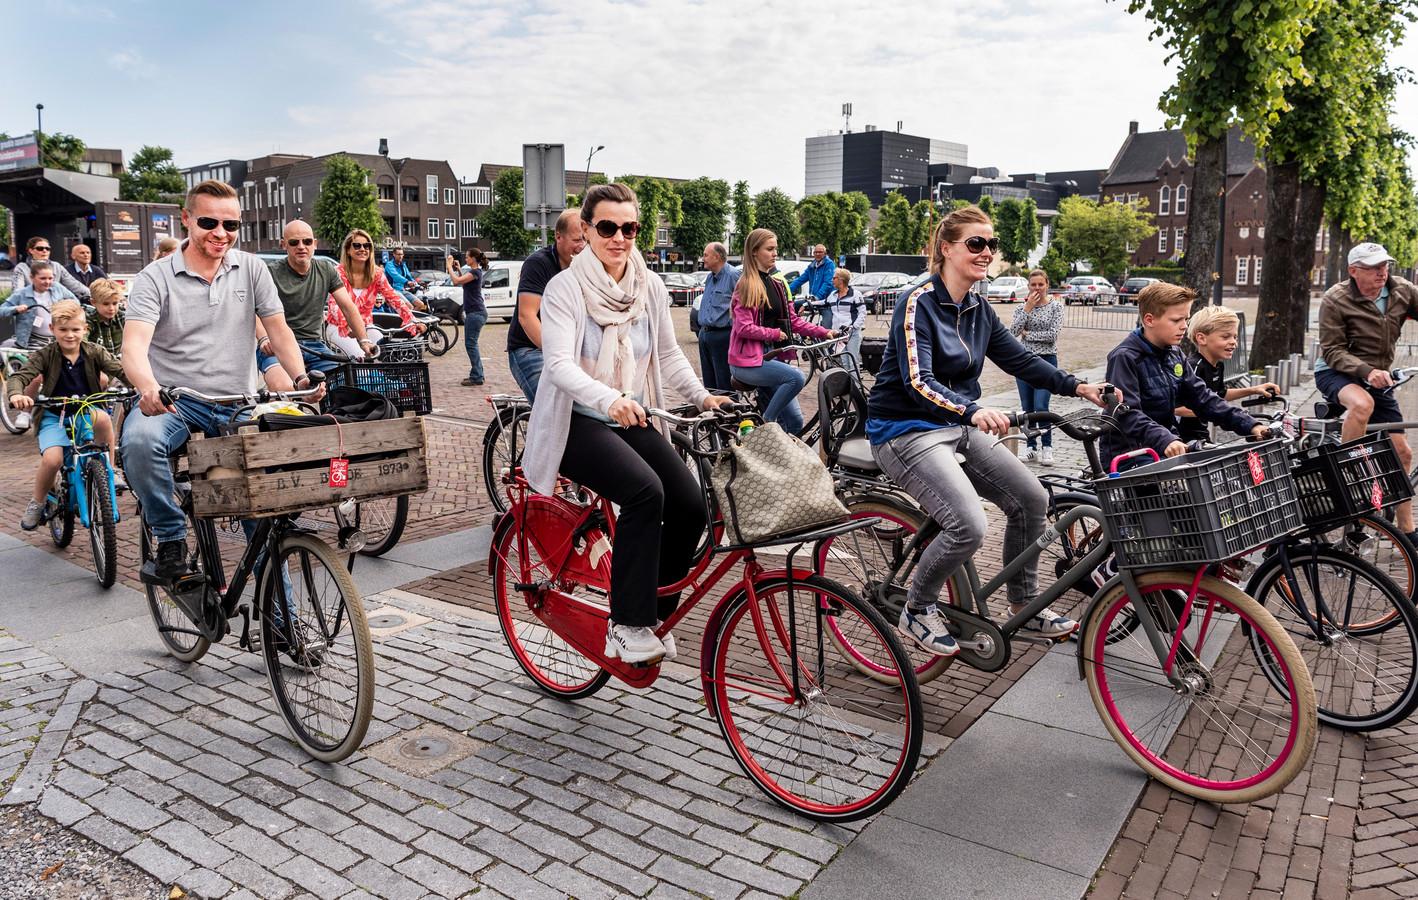 De Trap-in trekt elk jaar duizenden deelnemers. Dit jaar werd de fietstocht afgelast.